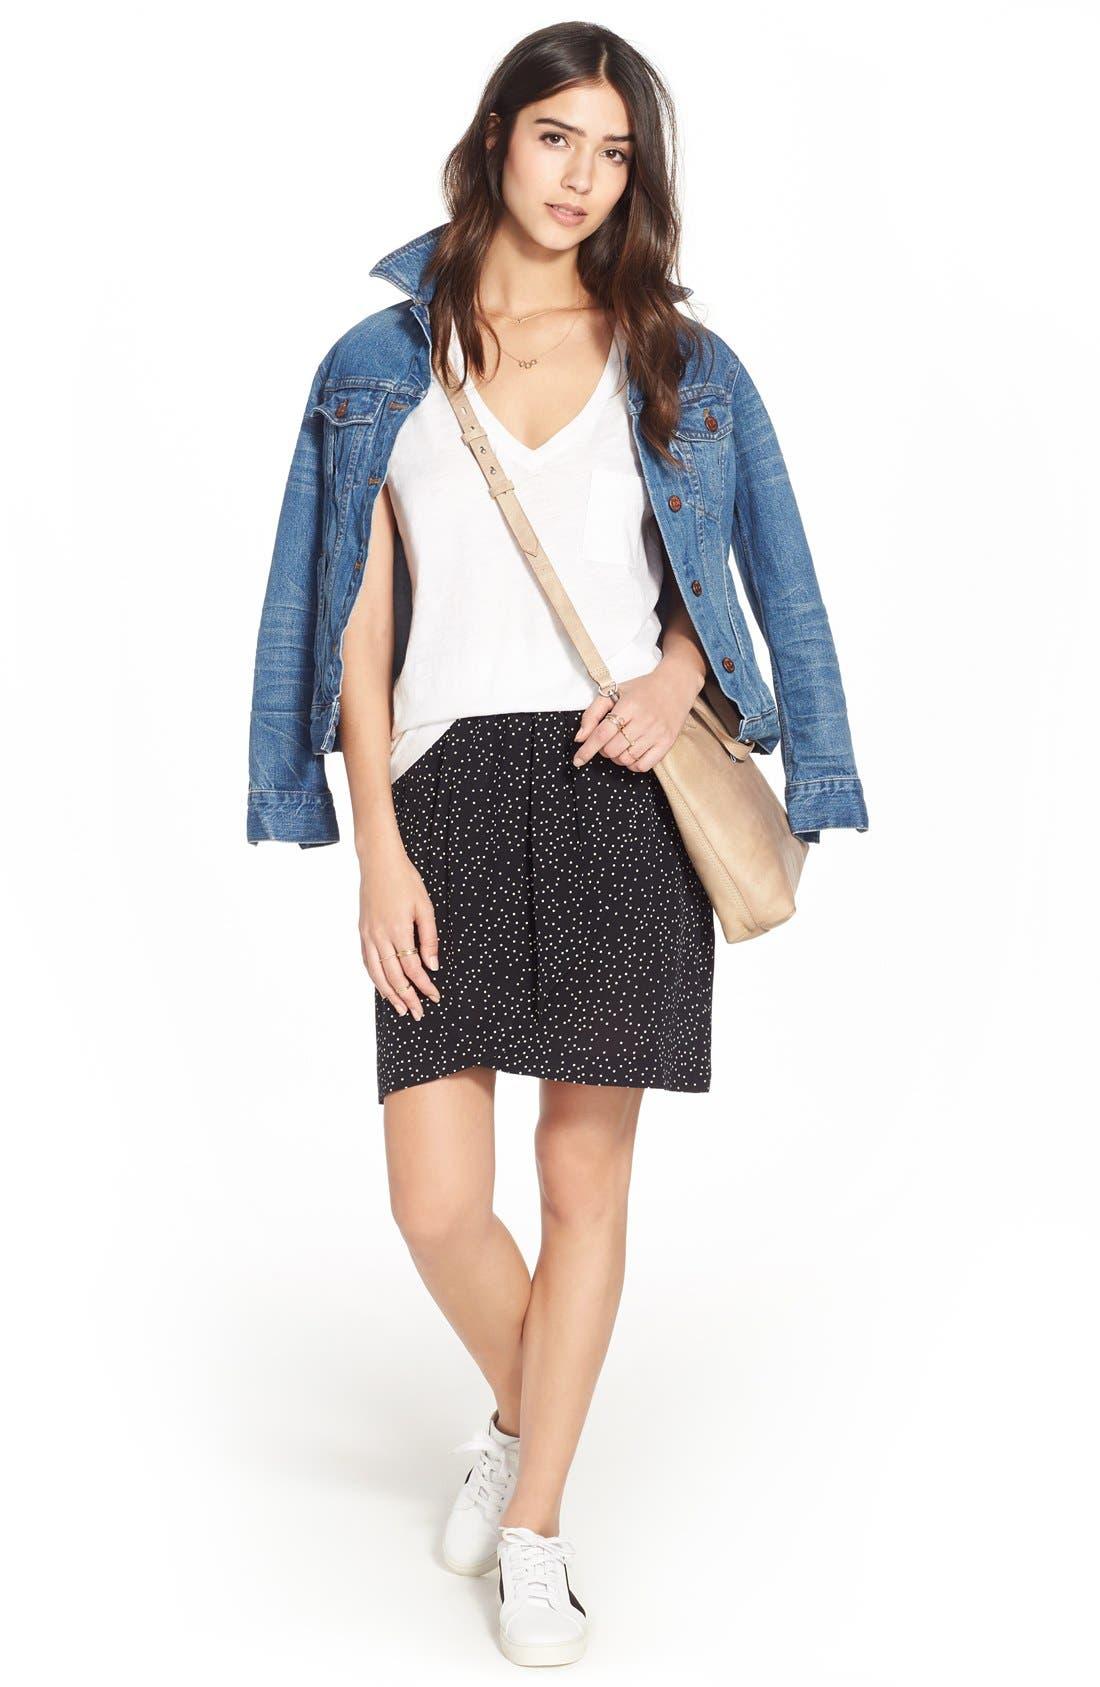 Madewell Tee, Jacket & Skirt